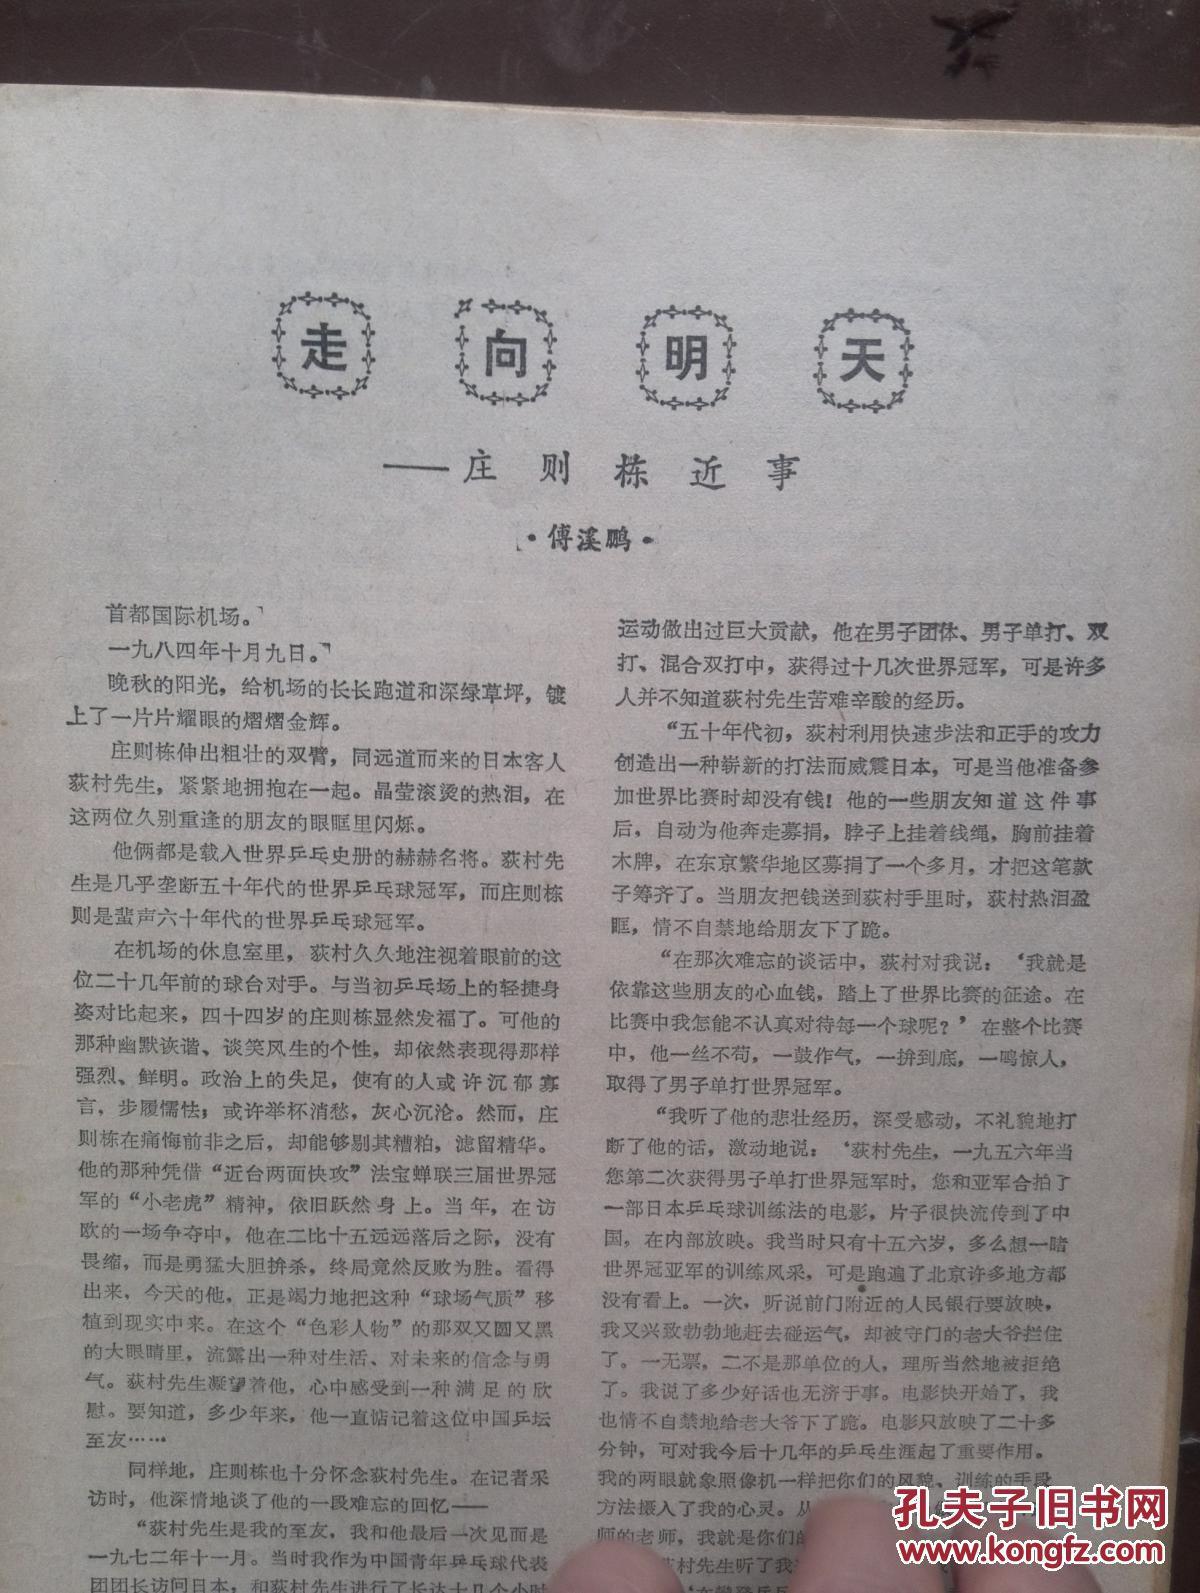 佳作精选1985年创刊号有发刊词傅溪鹏《庄则栋近事》图片